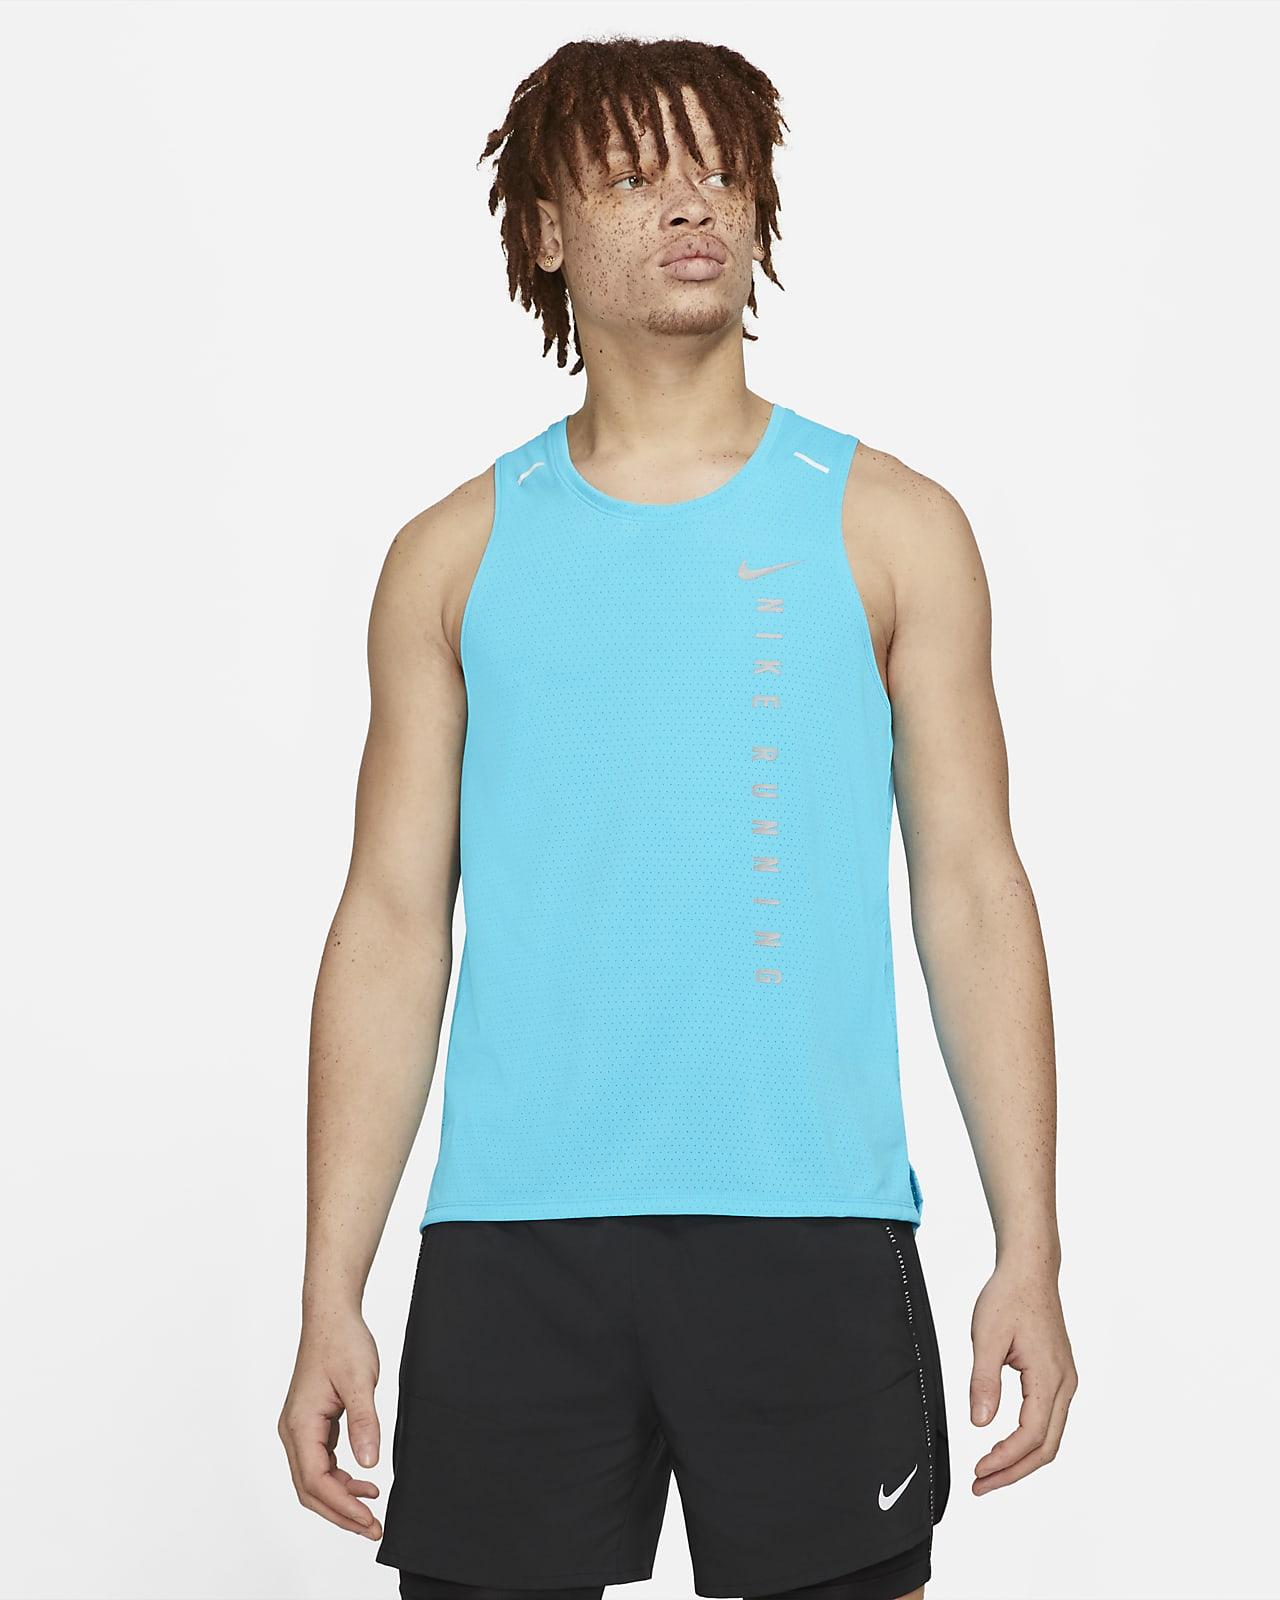 Camiseta de tirantes de running híbrido para hombre Nike Miler Run Division